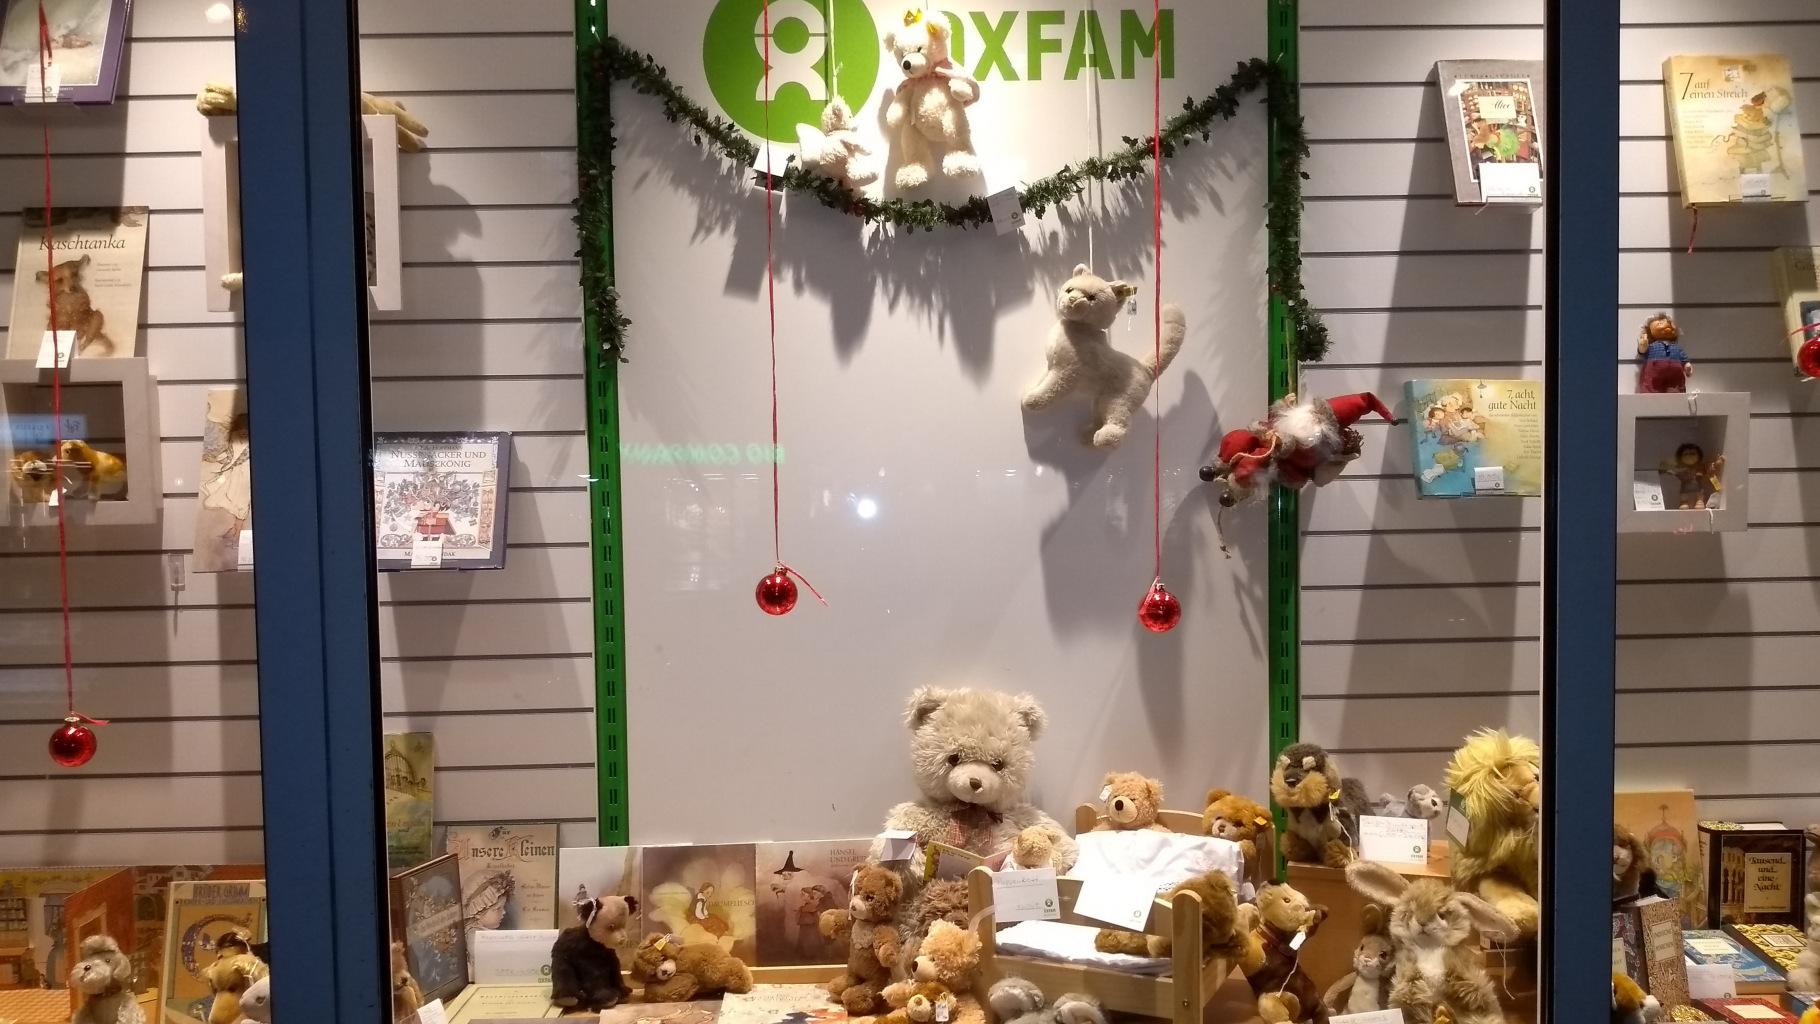 Stofftiere der Marke Steiff im Schaufenster eines Oxfam Shops